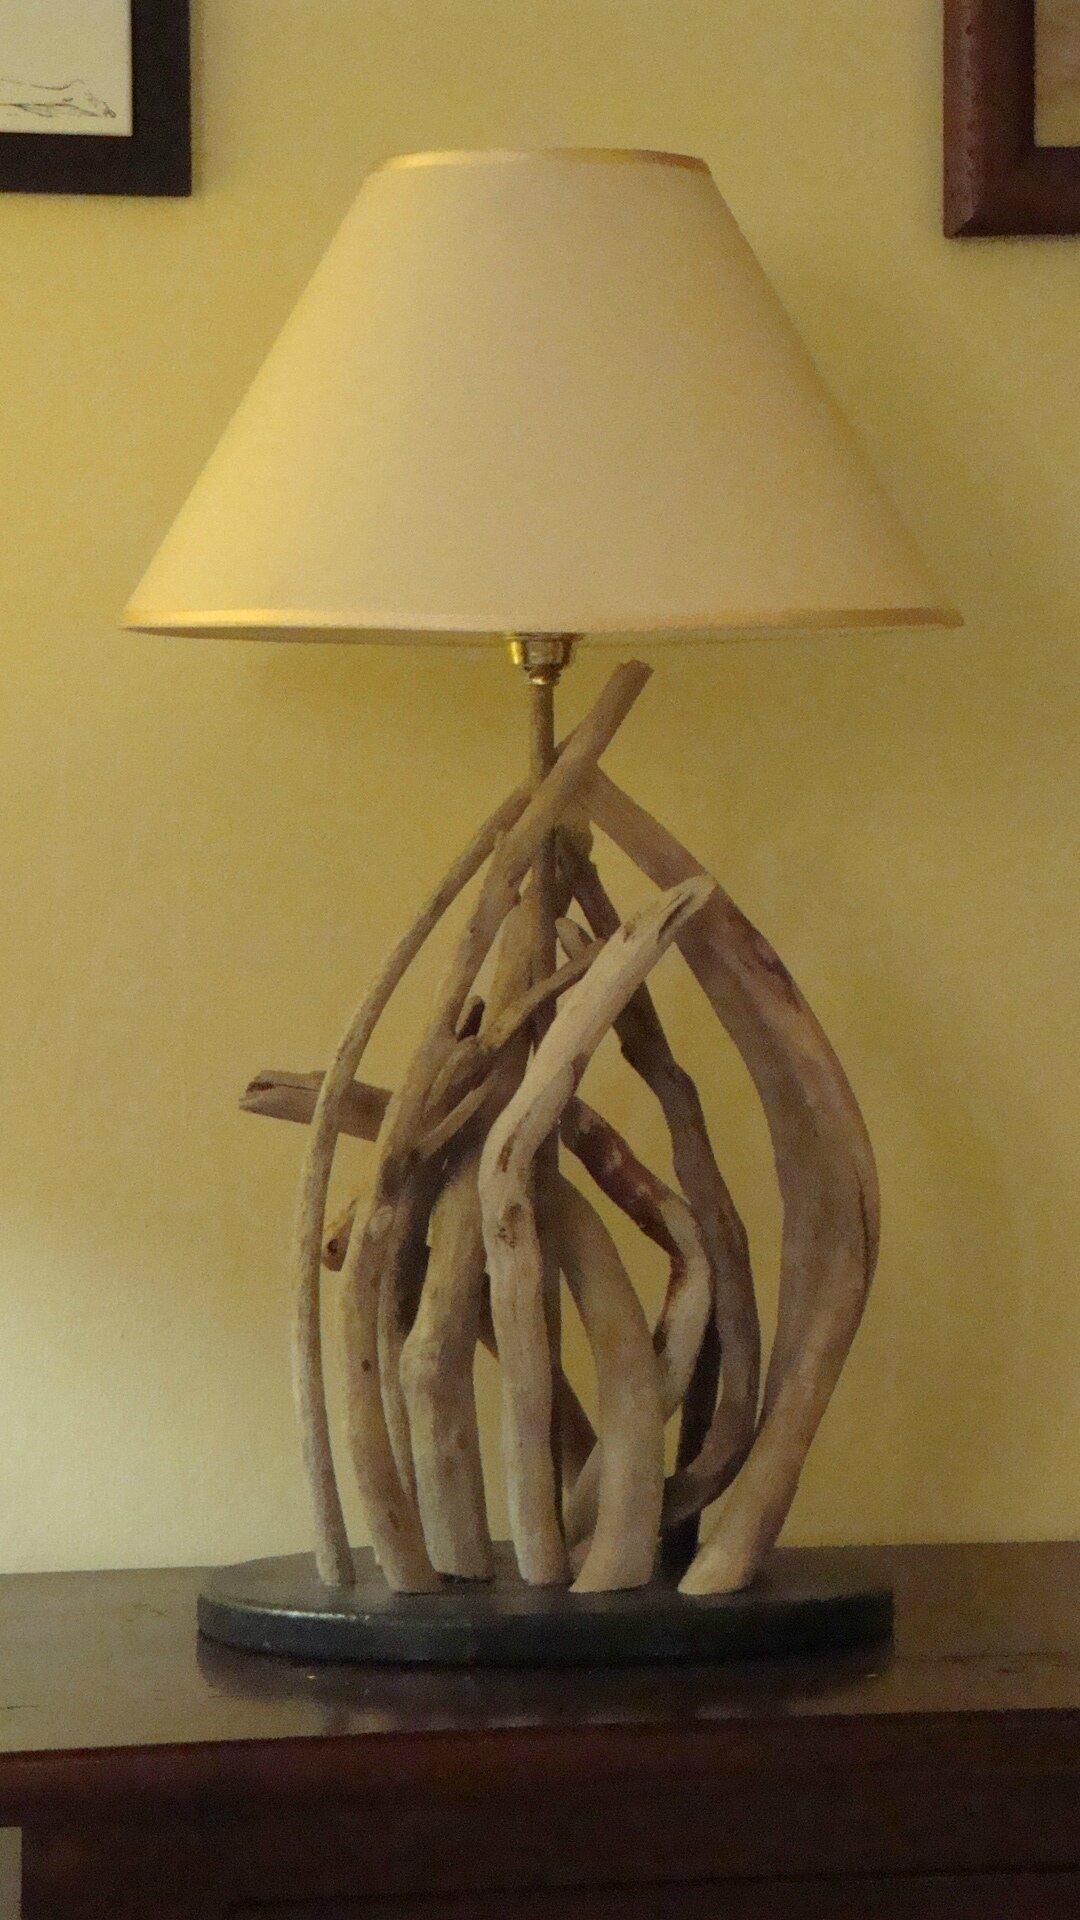 déco nature, créations en bois flotté